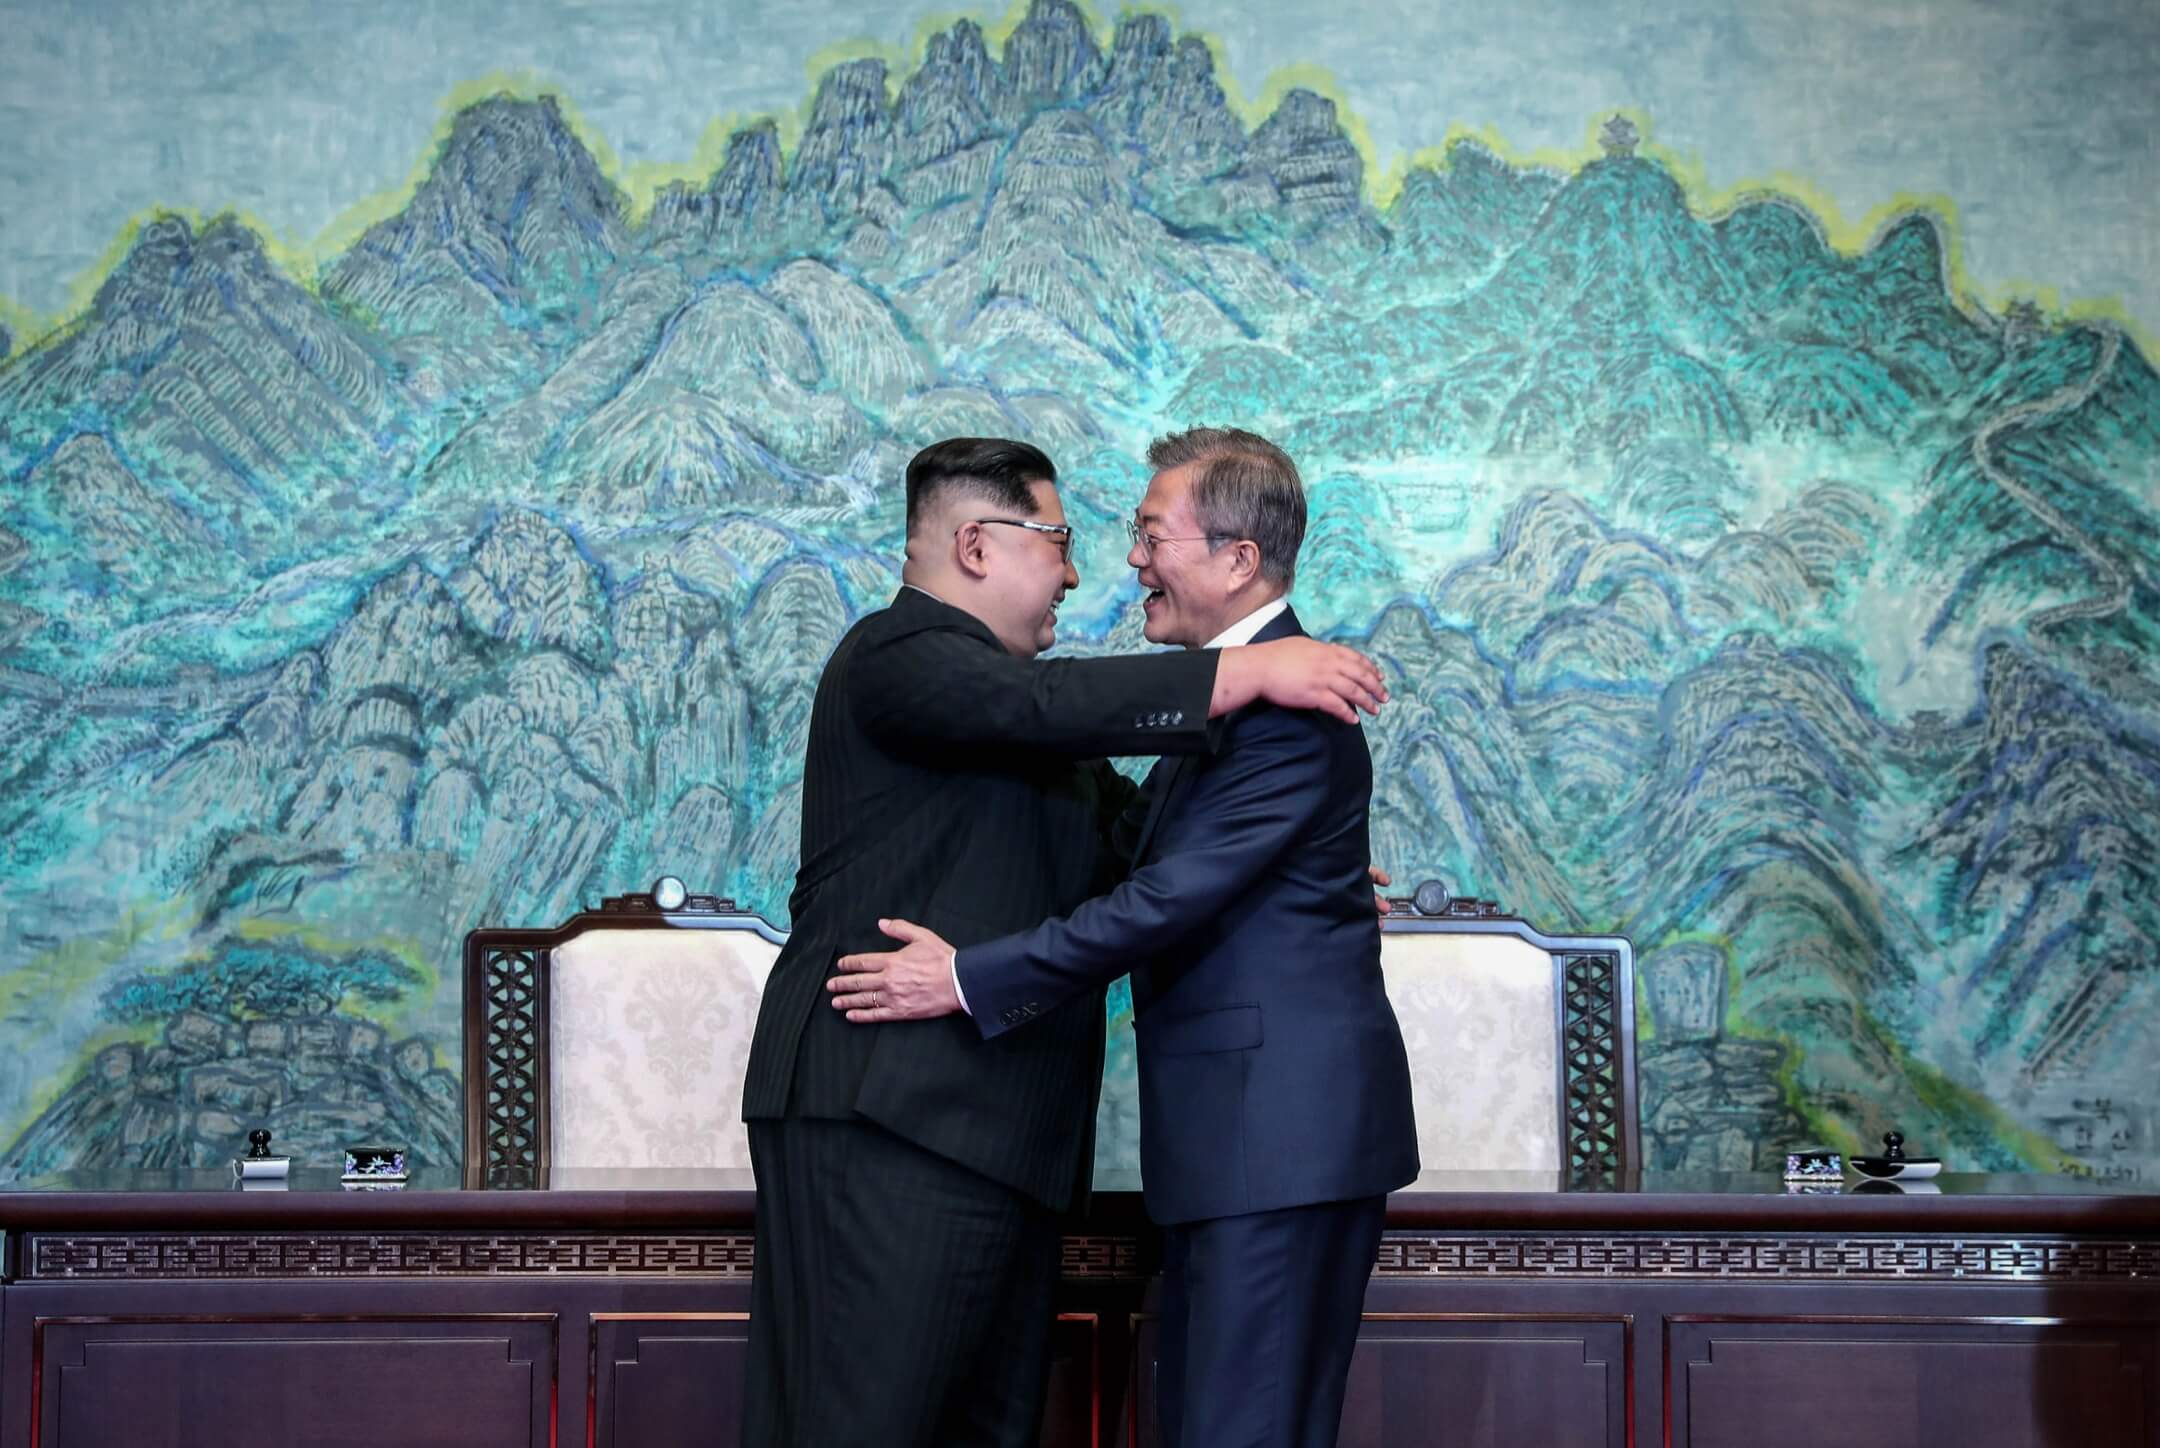 2018年4月27日,南韓總統文在寅與北韓領袖金正恩於板門店非軍事區「和平之家」舉行兩韓峰會,會後簽署《板門店宣言》共同宣布朝鮮半島不會再有戰爭,兩韓停止一切敵對行為,二人互相擁抱致意。 攝:Inter-Korean Summit Press Pool/Bloomberg via Getty Images